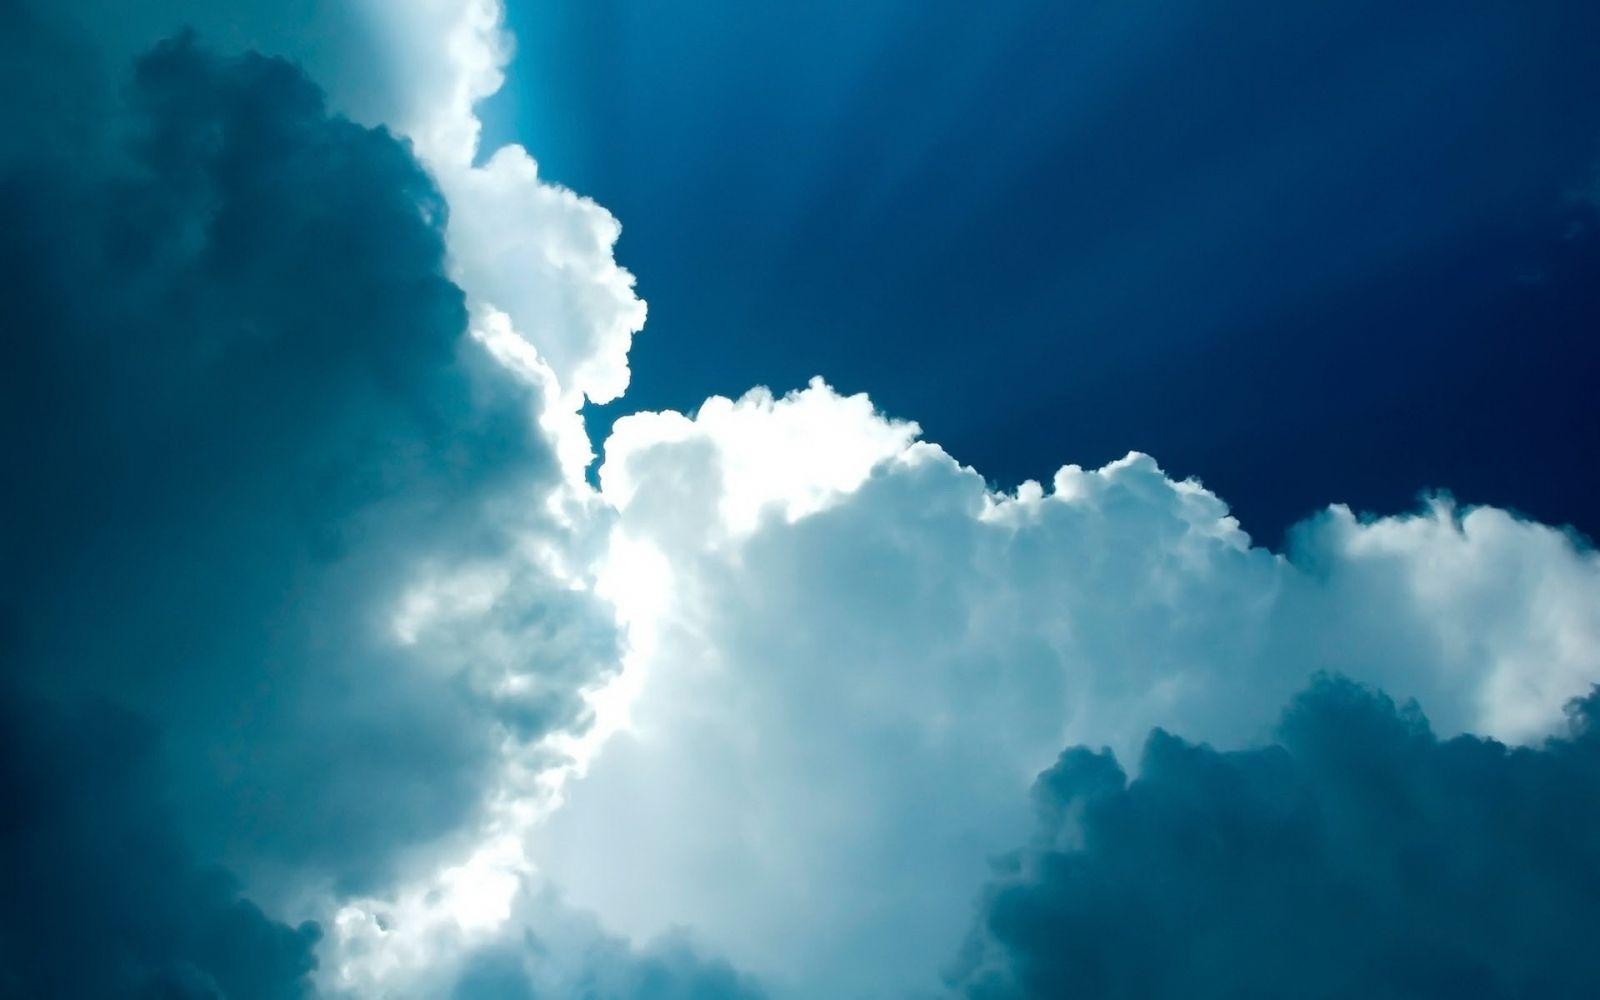 Hình nền mây màu xanh